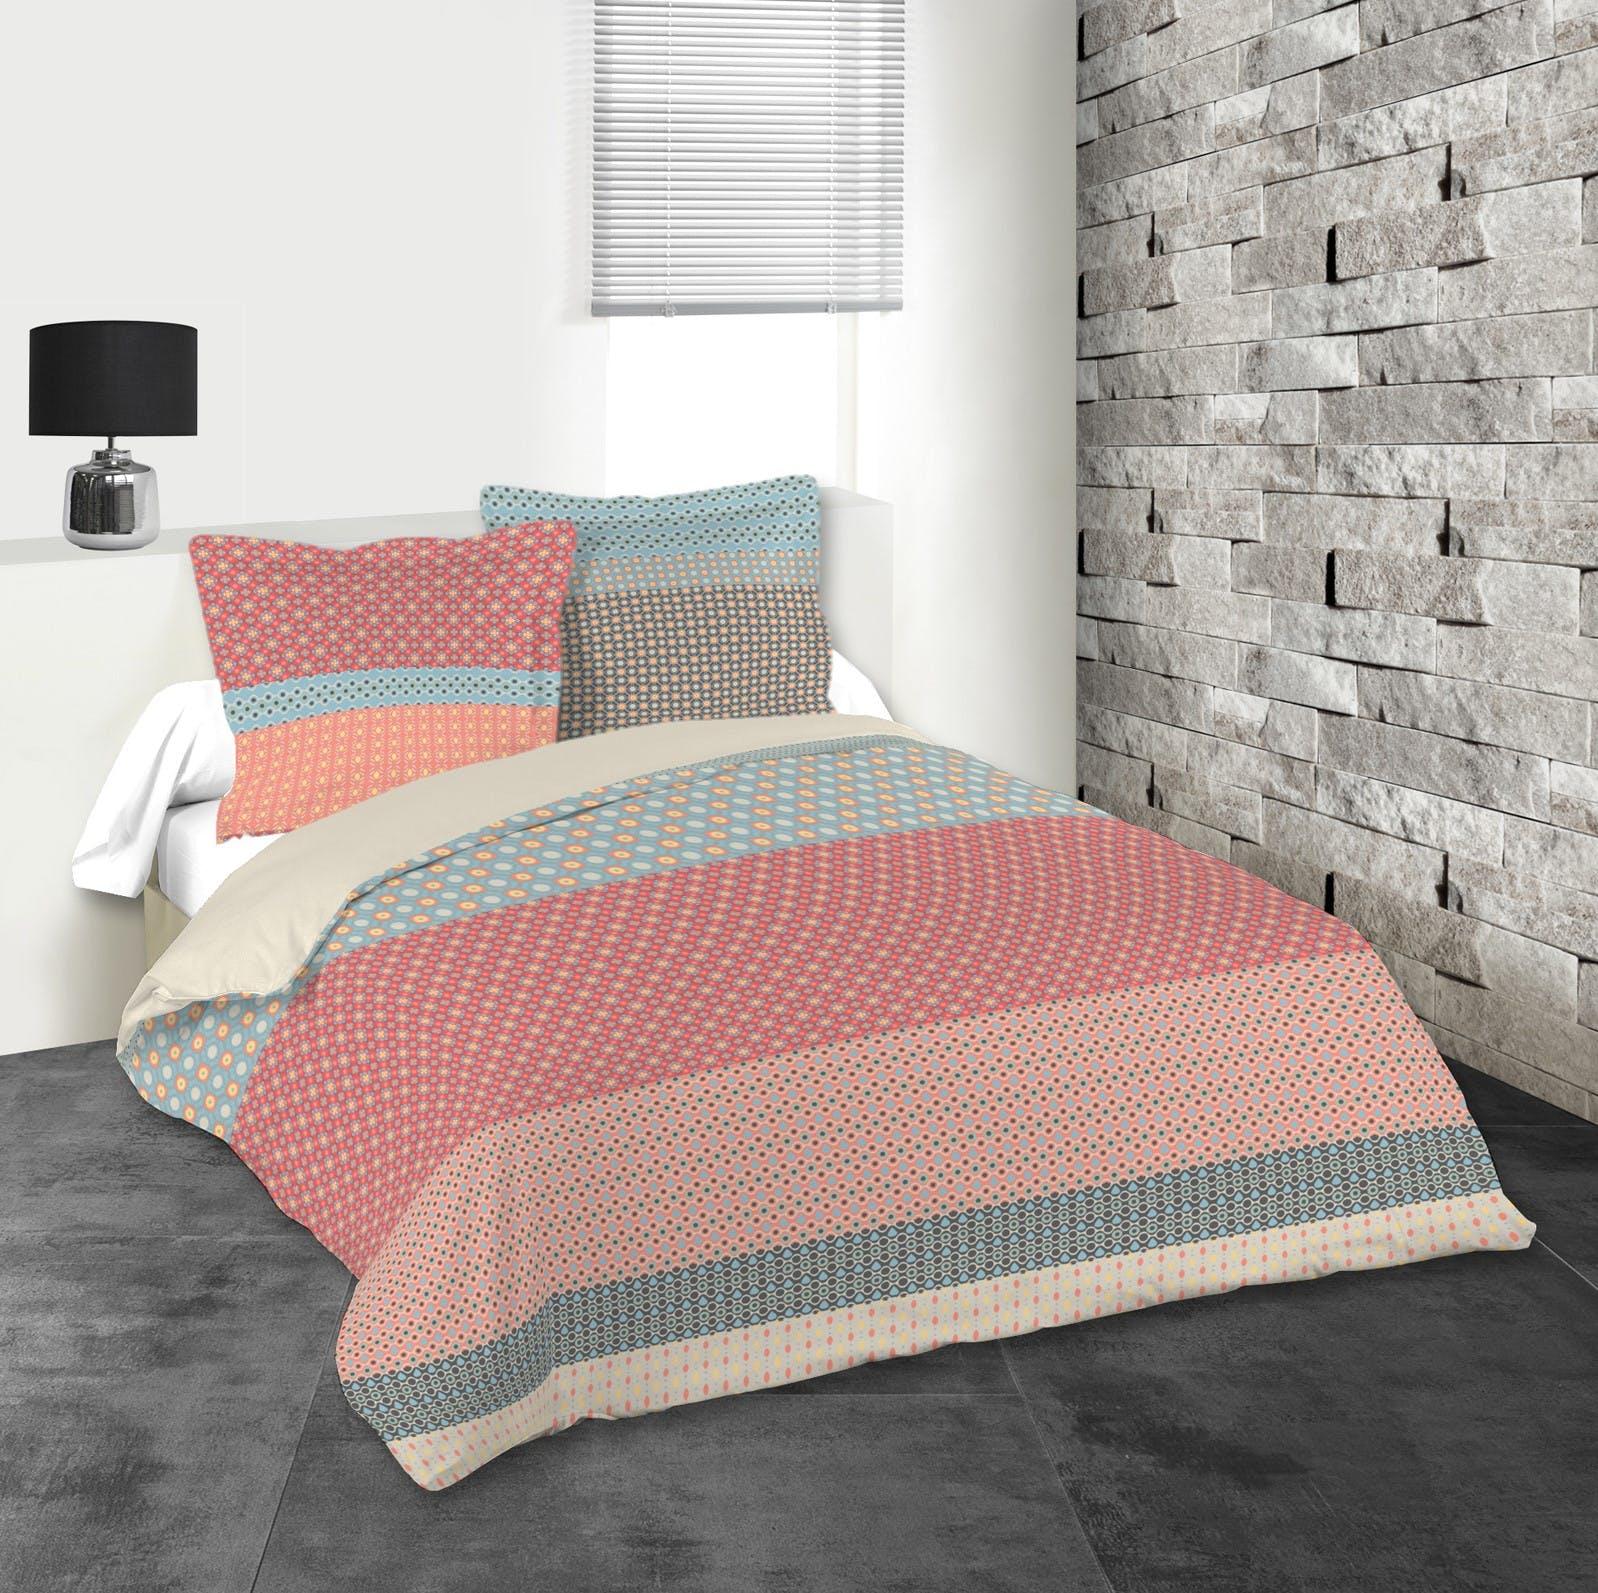 Parure de lit tons rouges, bleus et gris 240x220 housse de couette + 2 taies 63x63 100% coton VALENCIA